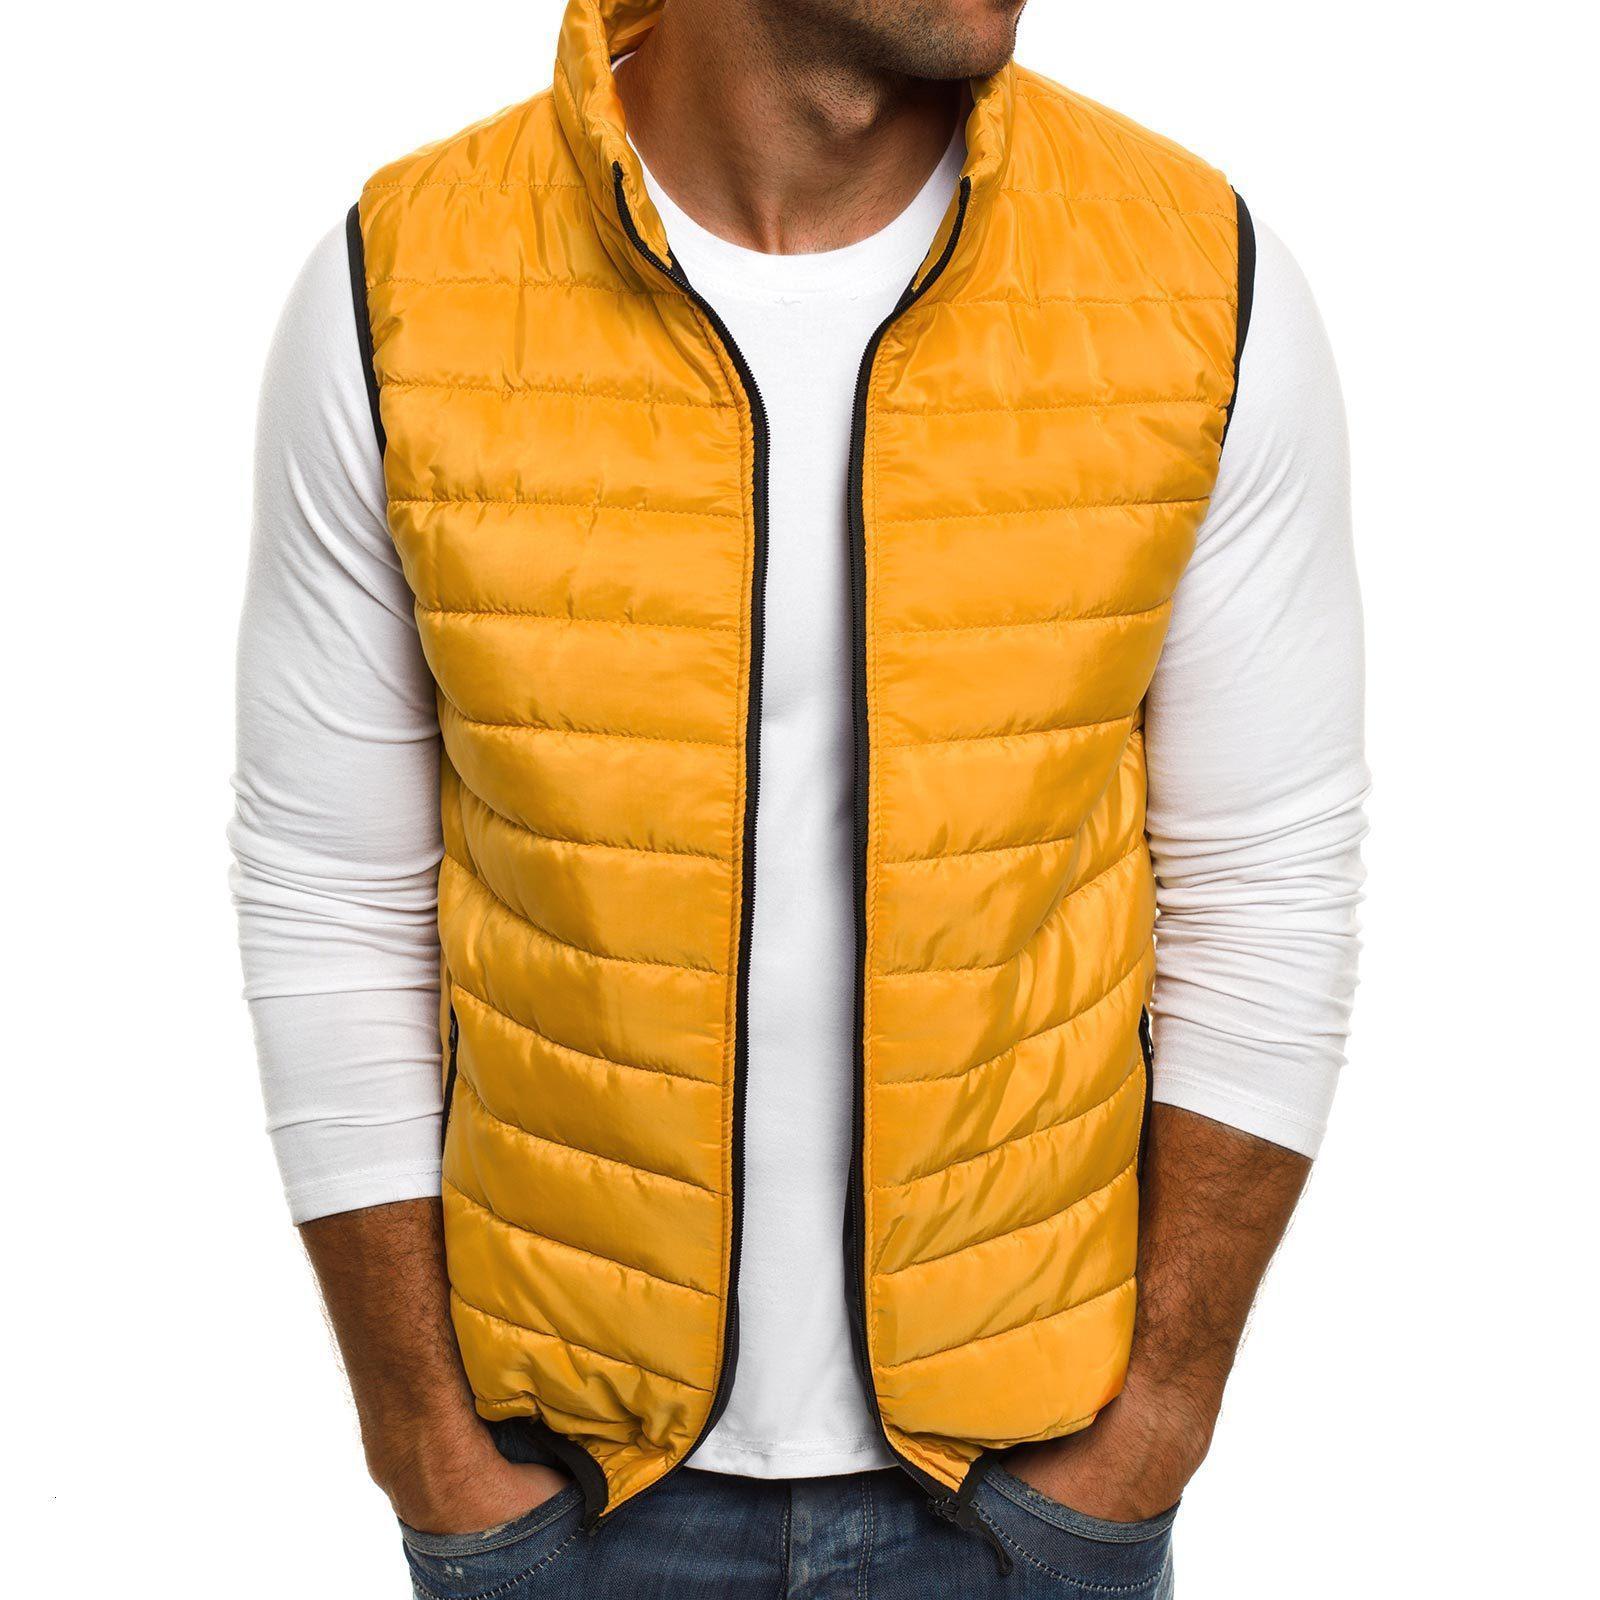 2019 mode solide couleur simple atmosphère veste en coton de coton pour hommes 7587